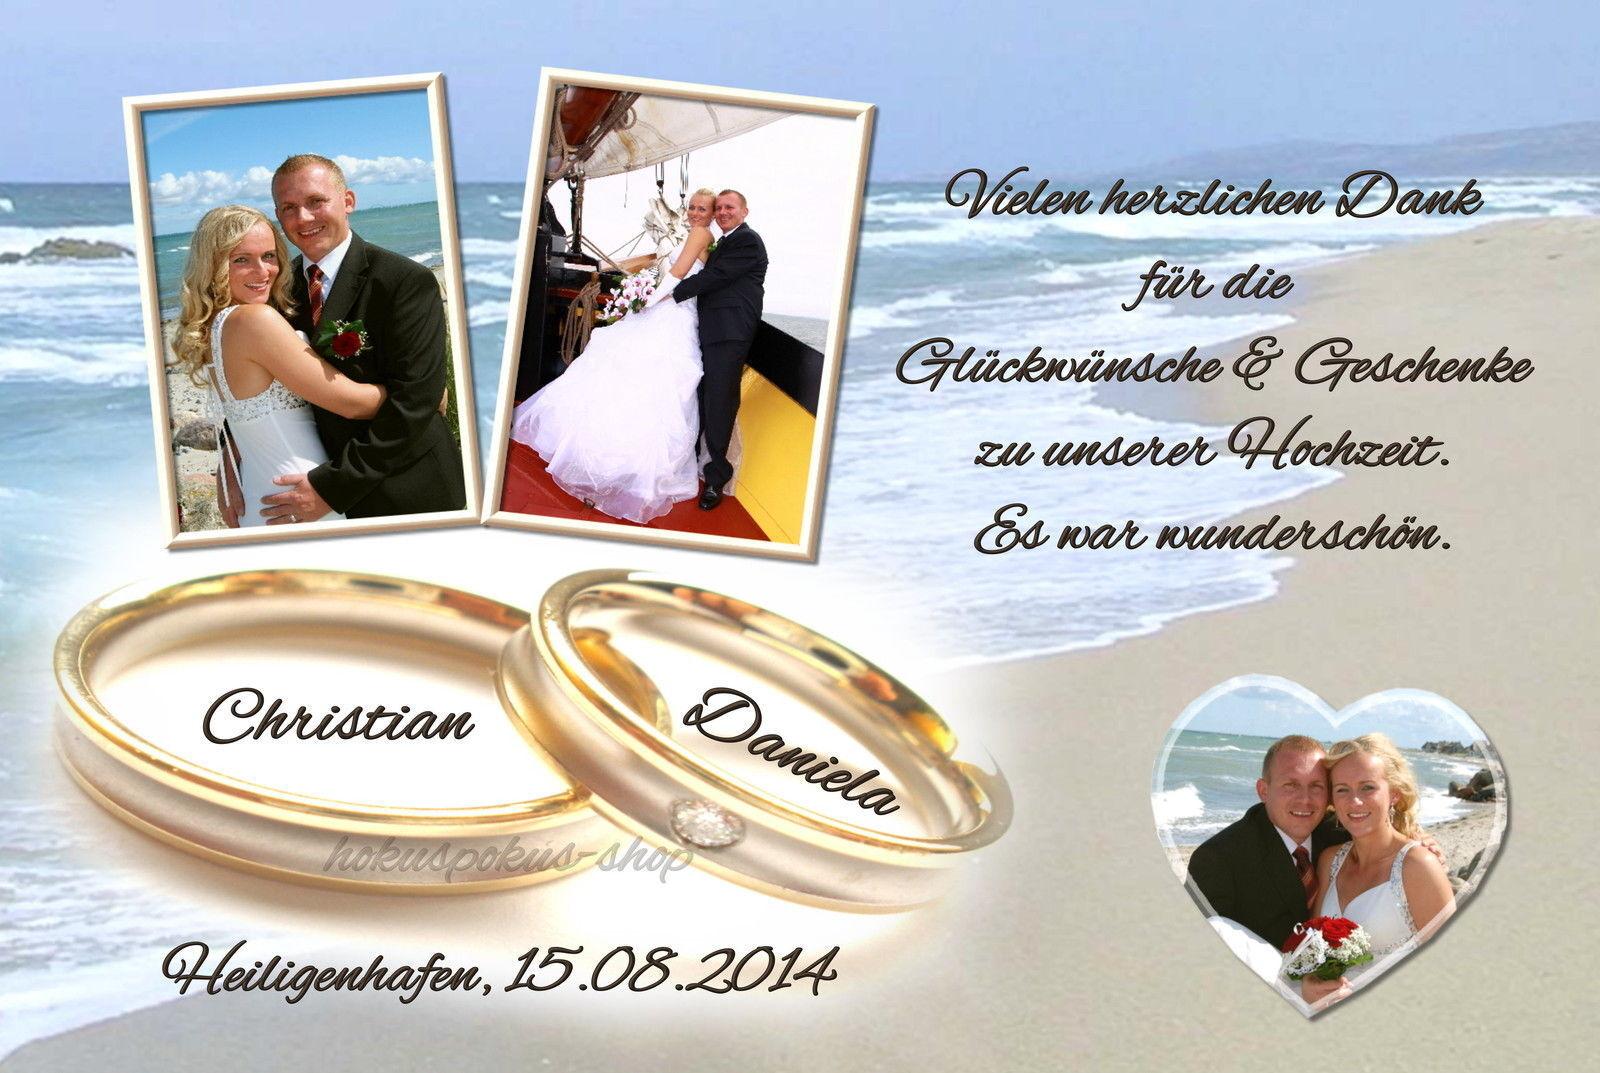 50 Danksagungskarten Hochzeit Danksagungen Fotokarte Hochzeitskarte Danke Foto | Gute Qualität  | Am praktischsten